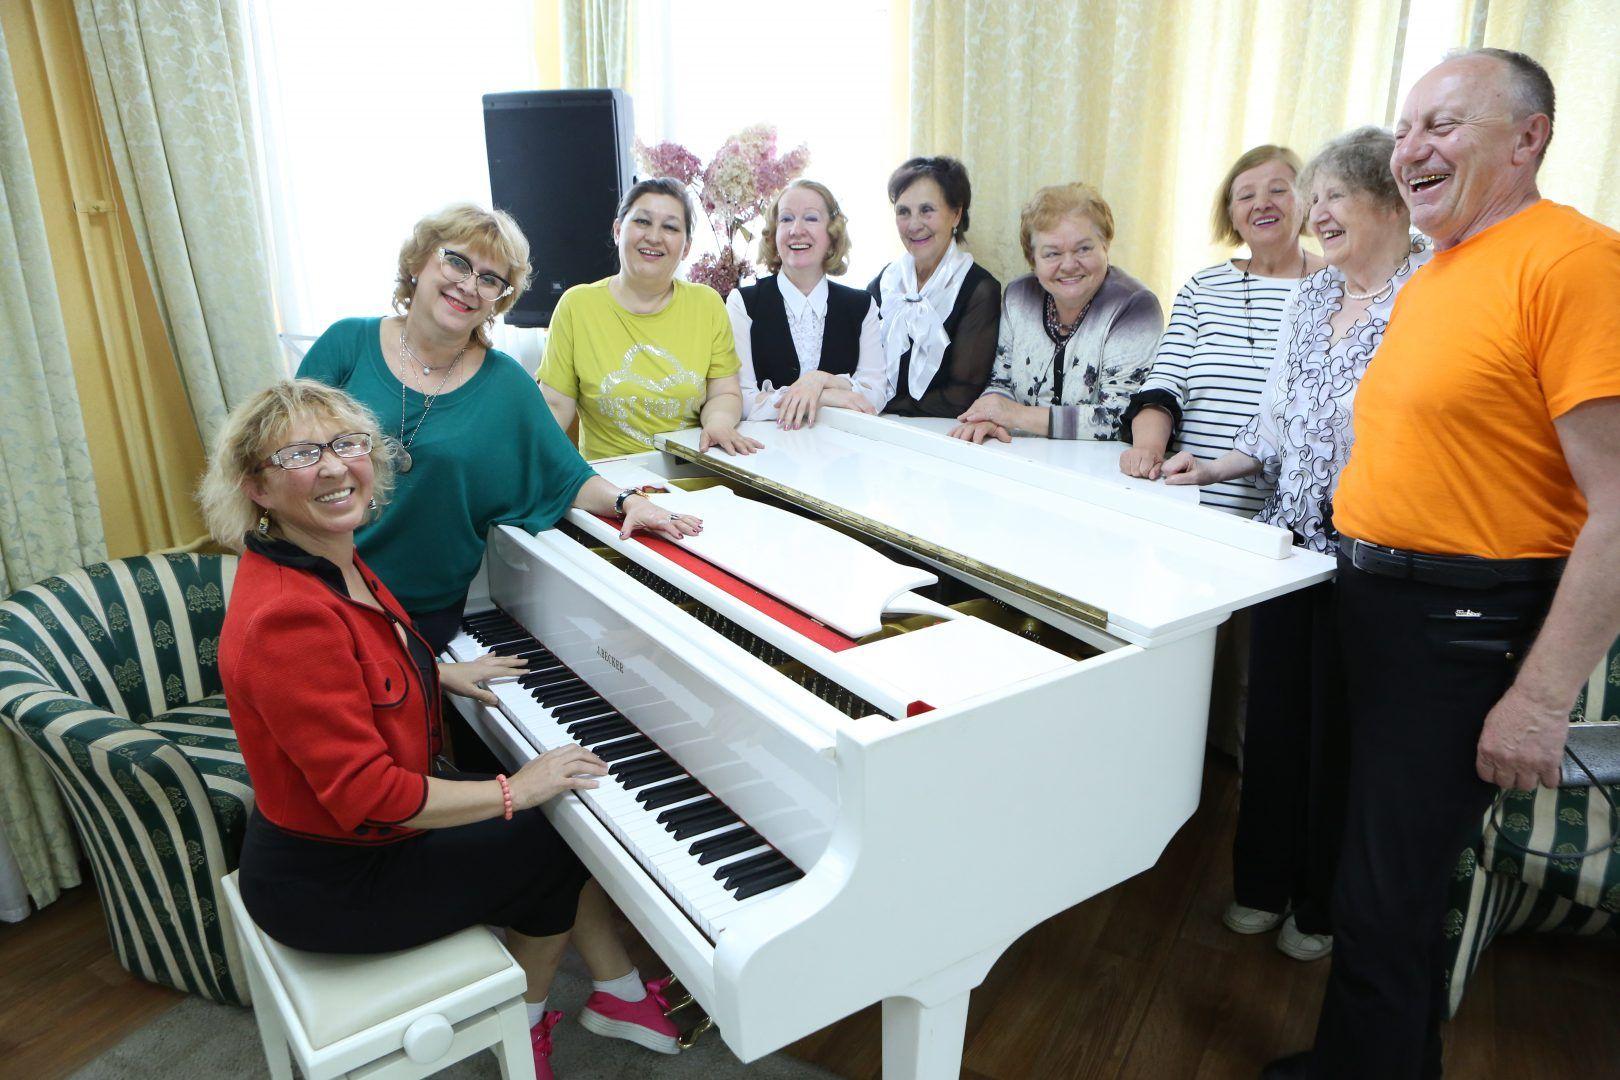 Москвичей пригласили на бесплатные мероприятия в центры соцобслуживания.Фото: архив, «Вечерняя Москва»